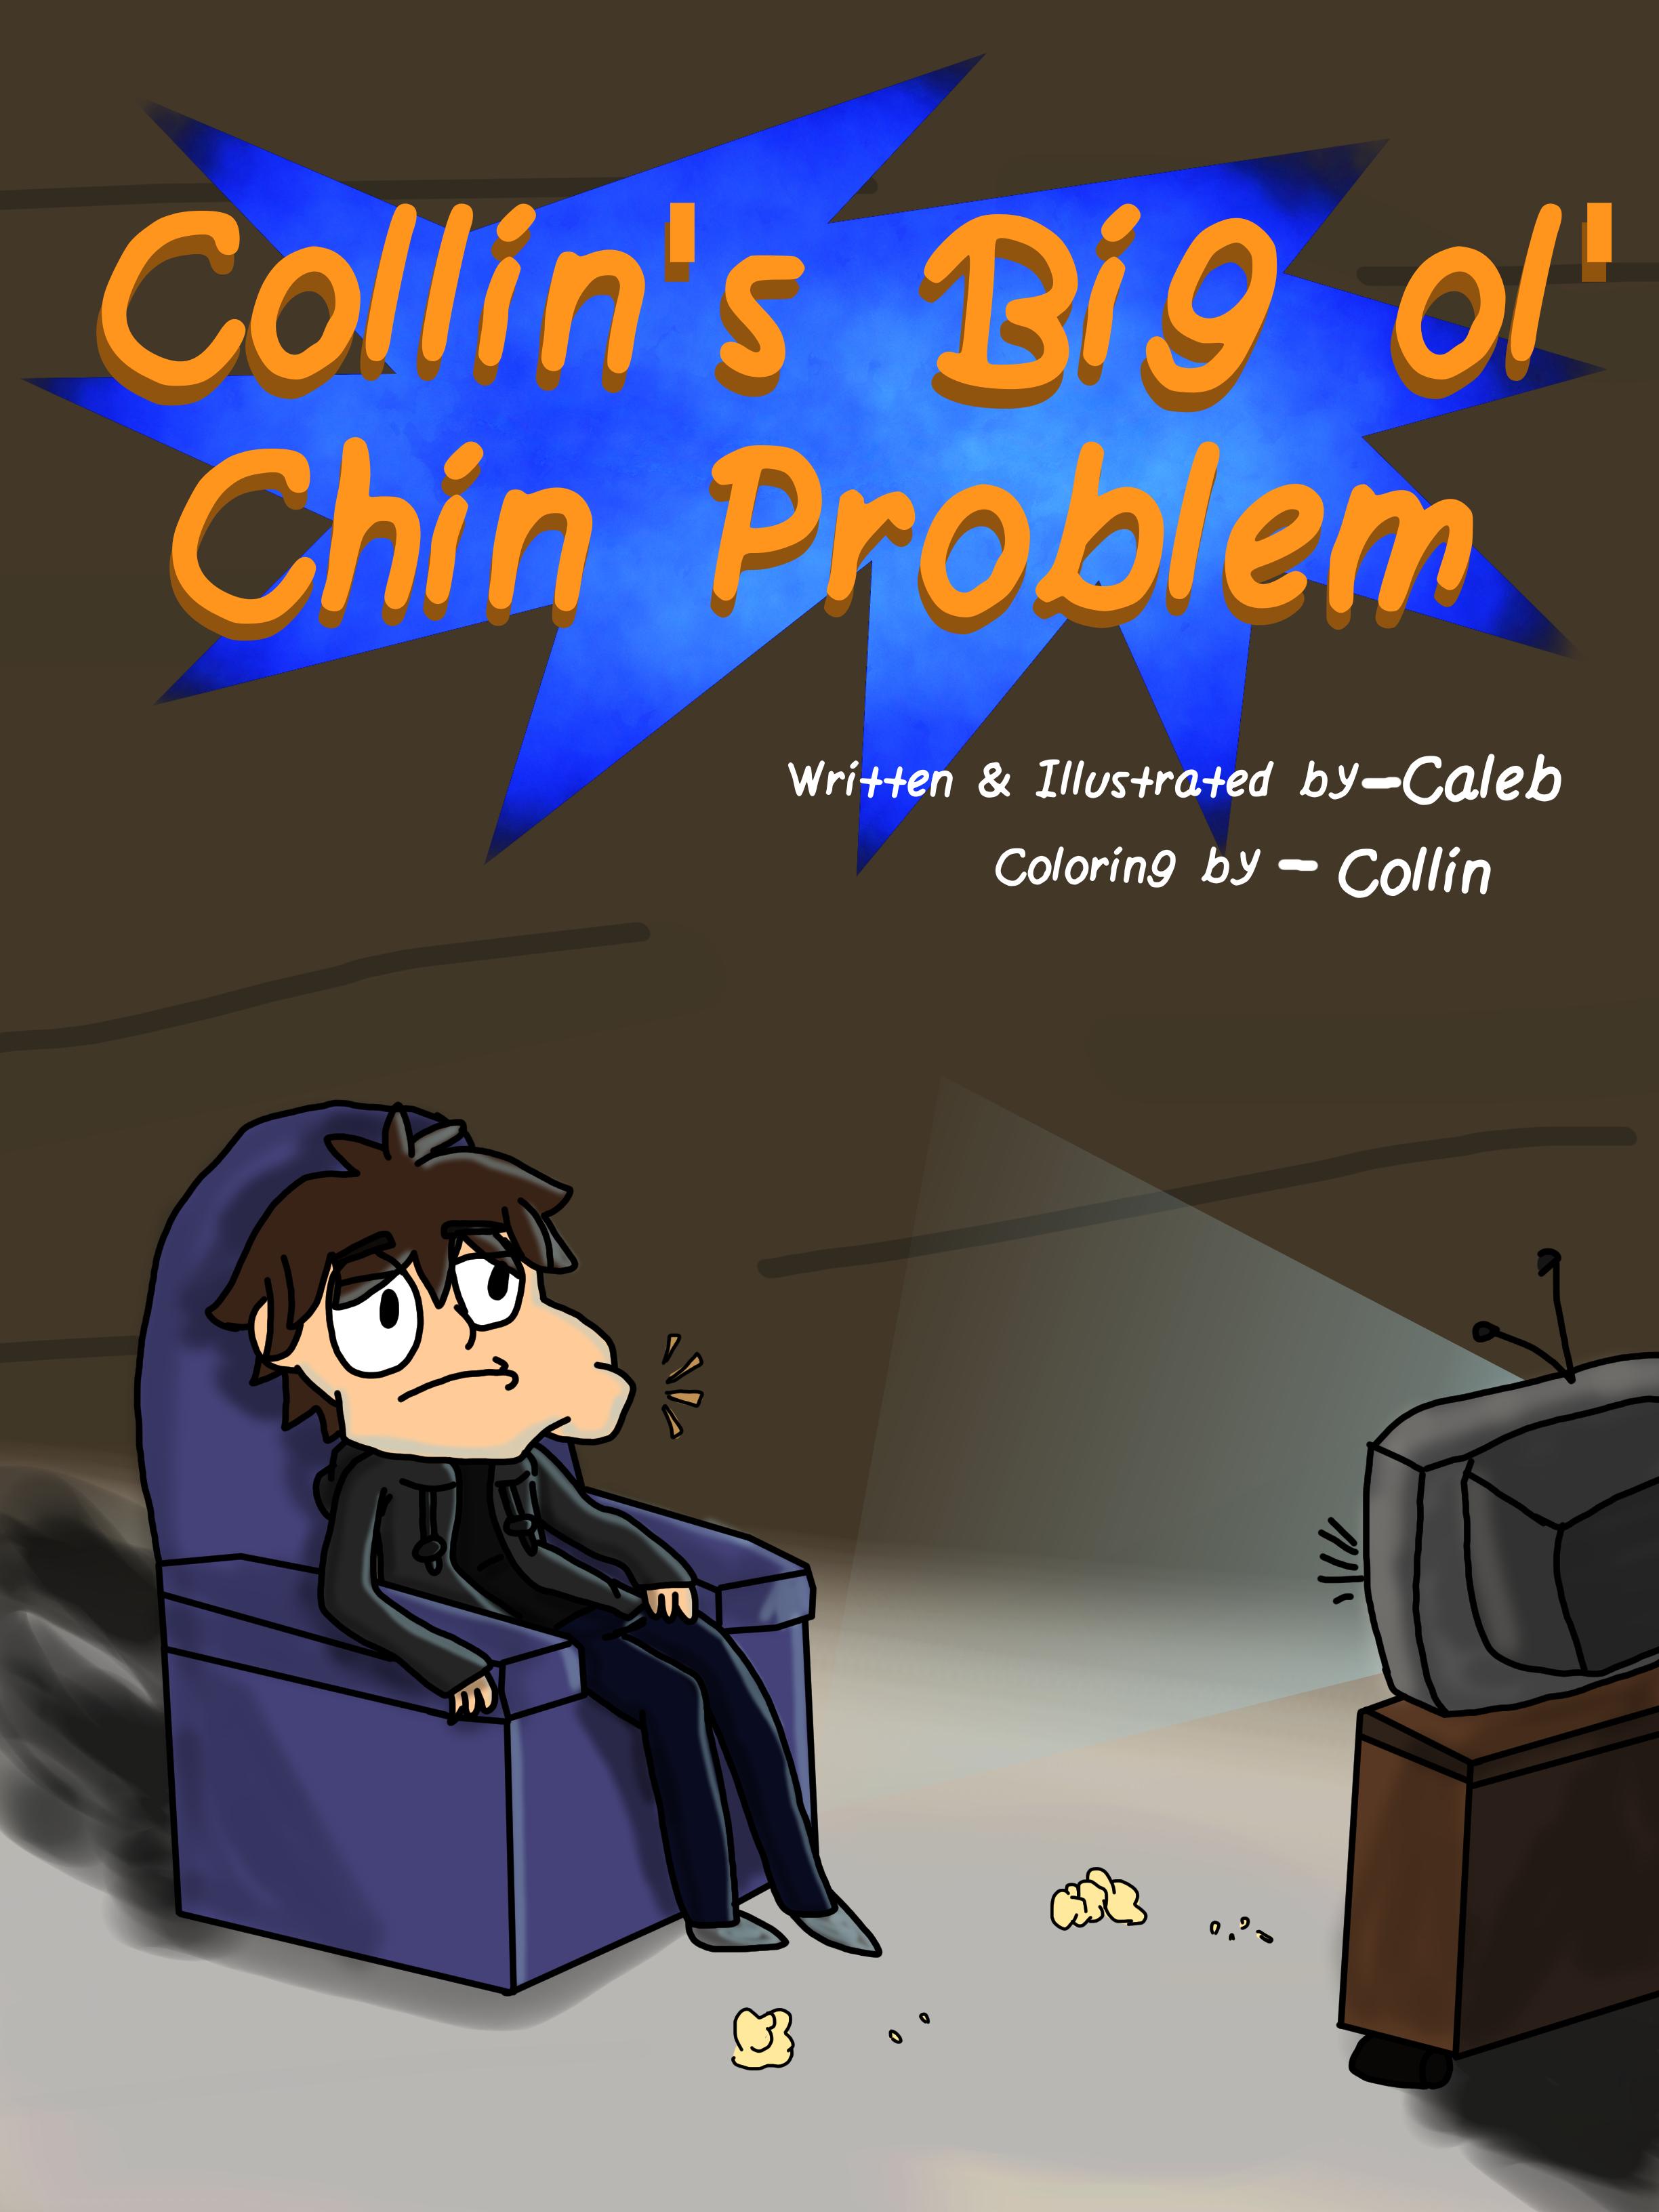 Collin's Big Ol' Chin Problem - Cover